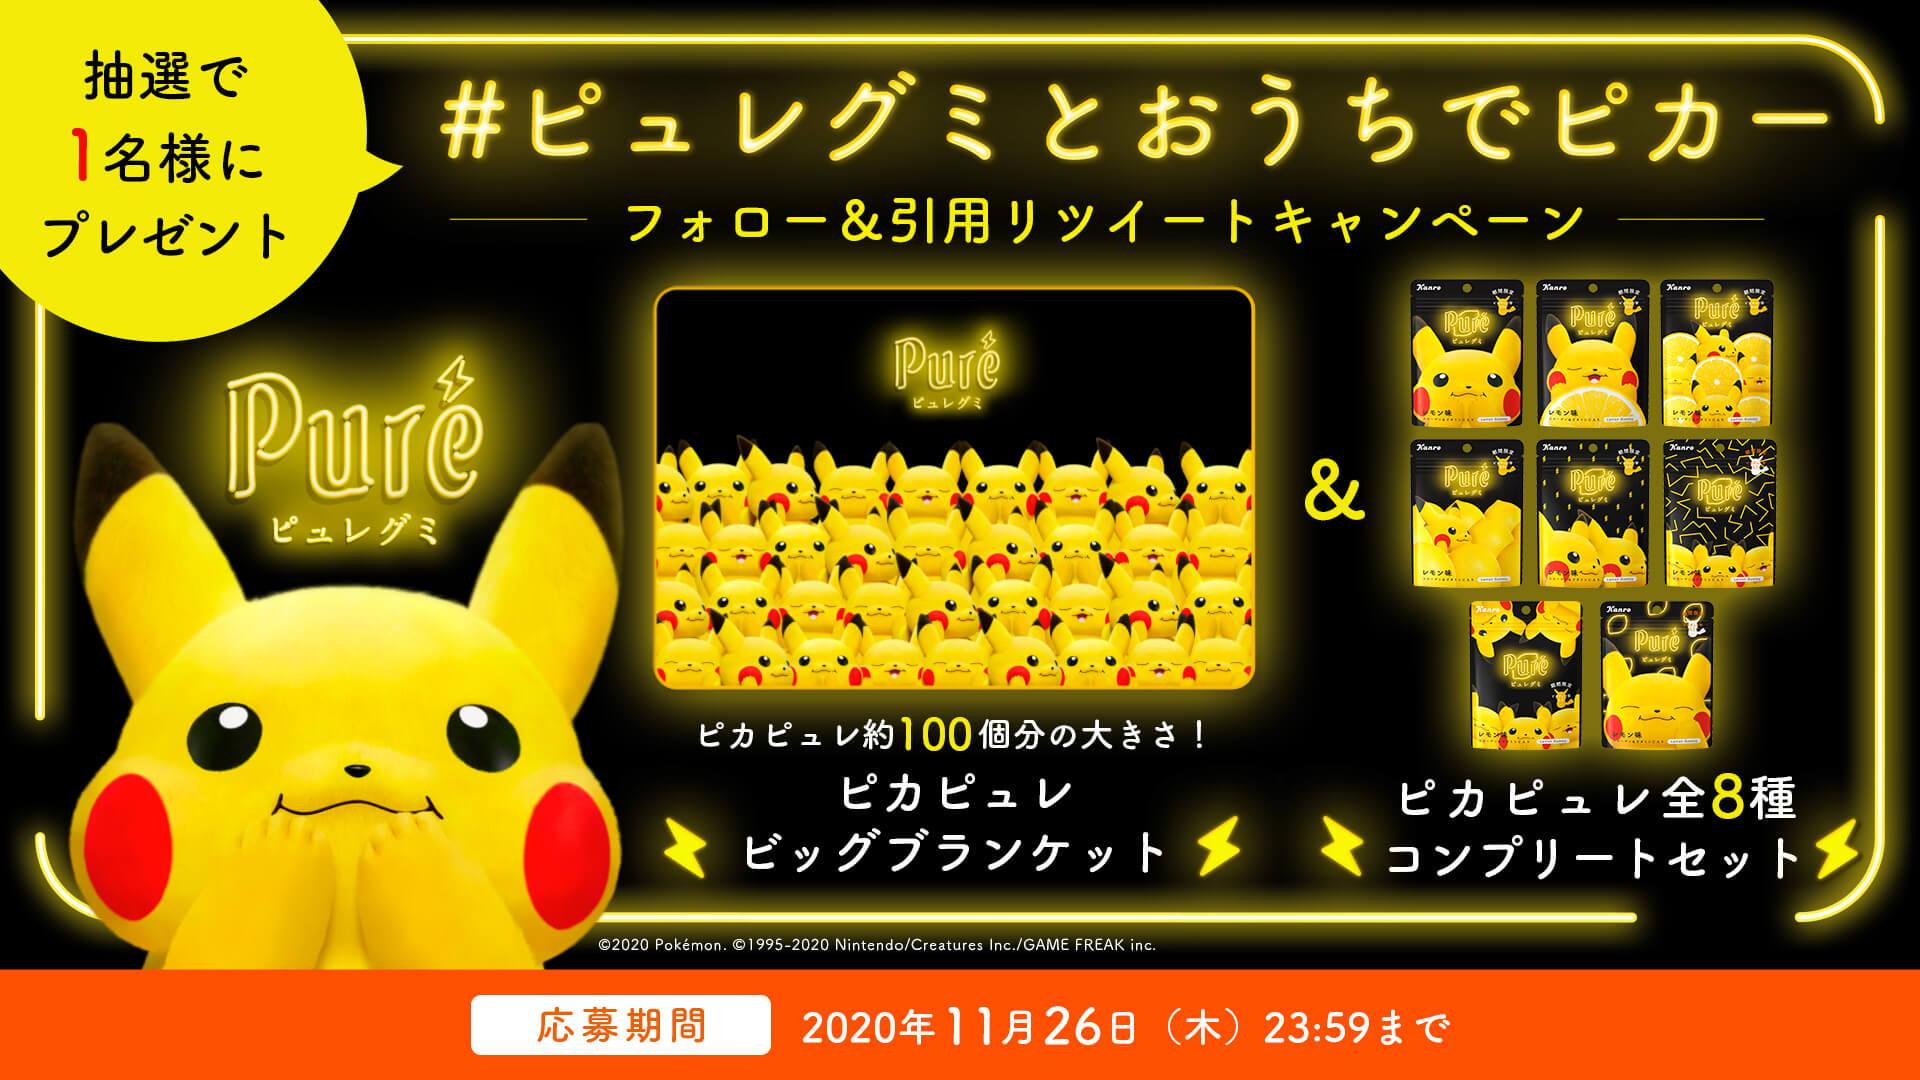 「ピュレグミレモン」ピカチュウデザインのビッグブランケットが当たるTwitterキャンペーン実施決定! gourmet201120_puregumi_pokemon_1